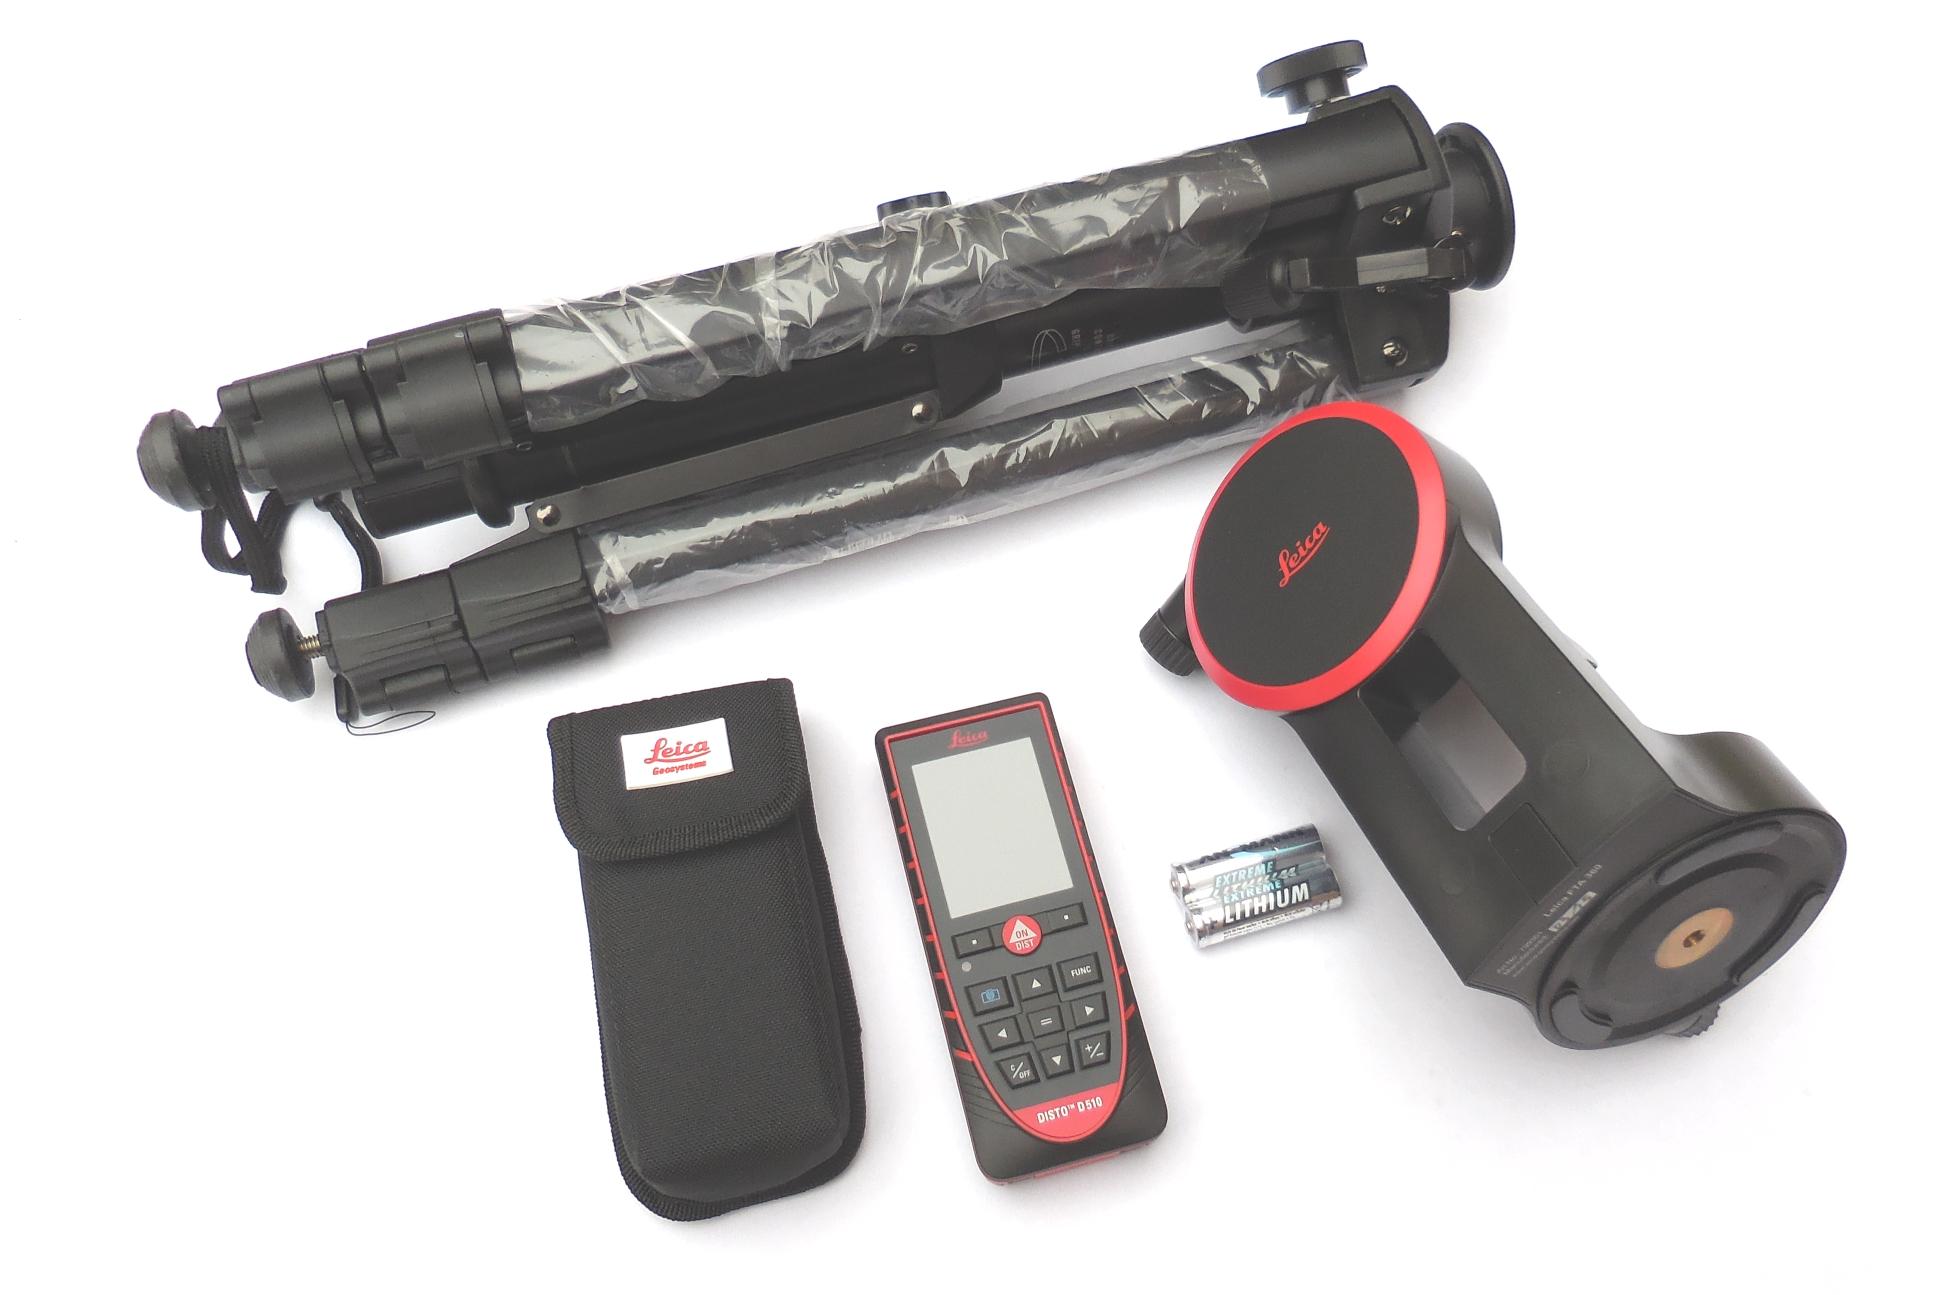 Laser Entfernungsmesser Neigungsmessung : D disto set entfernungsmesser laser werkzeug shop